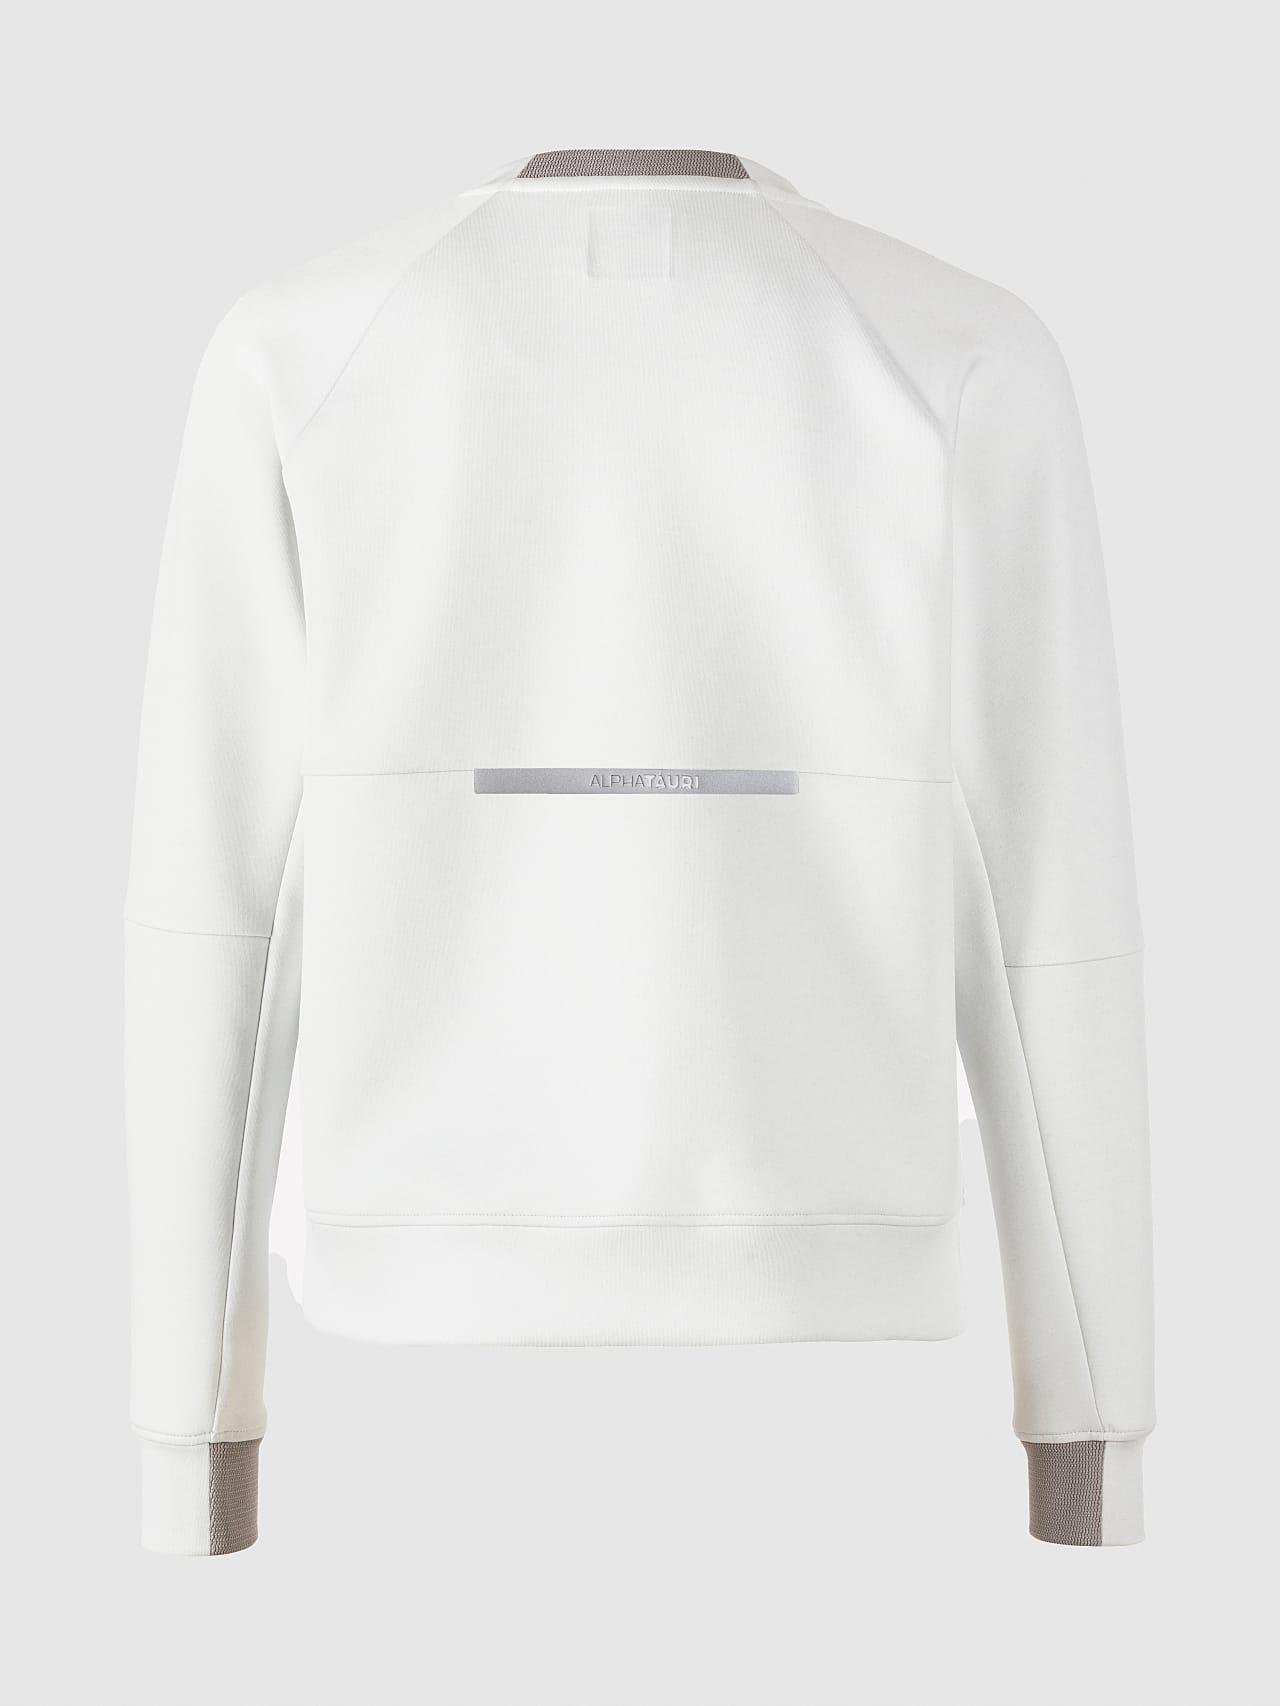 SINOV V1.Y5.01 Crewneck Sweater offwhite Left Alpha Tauri